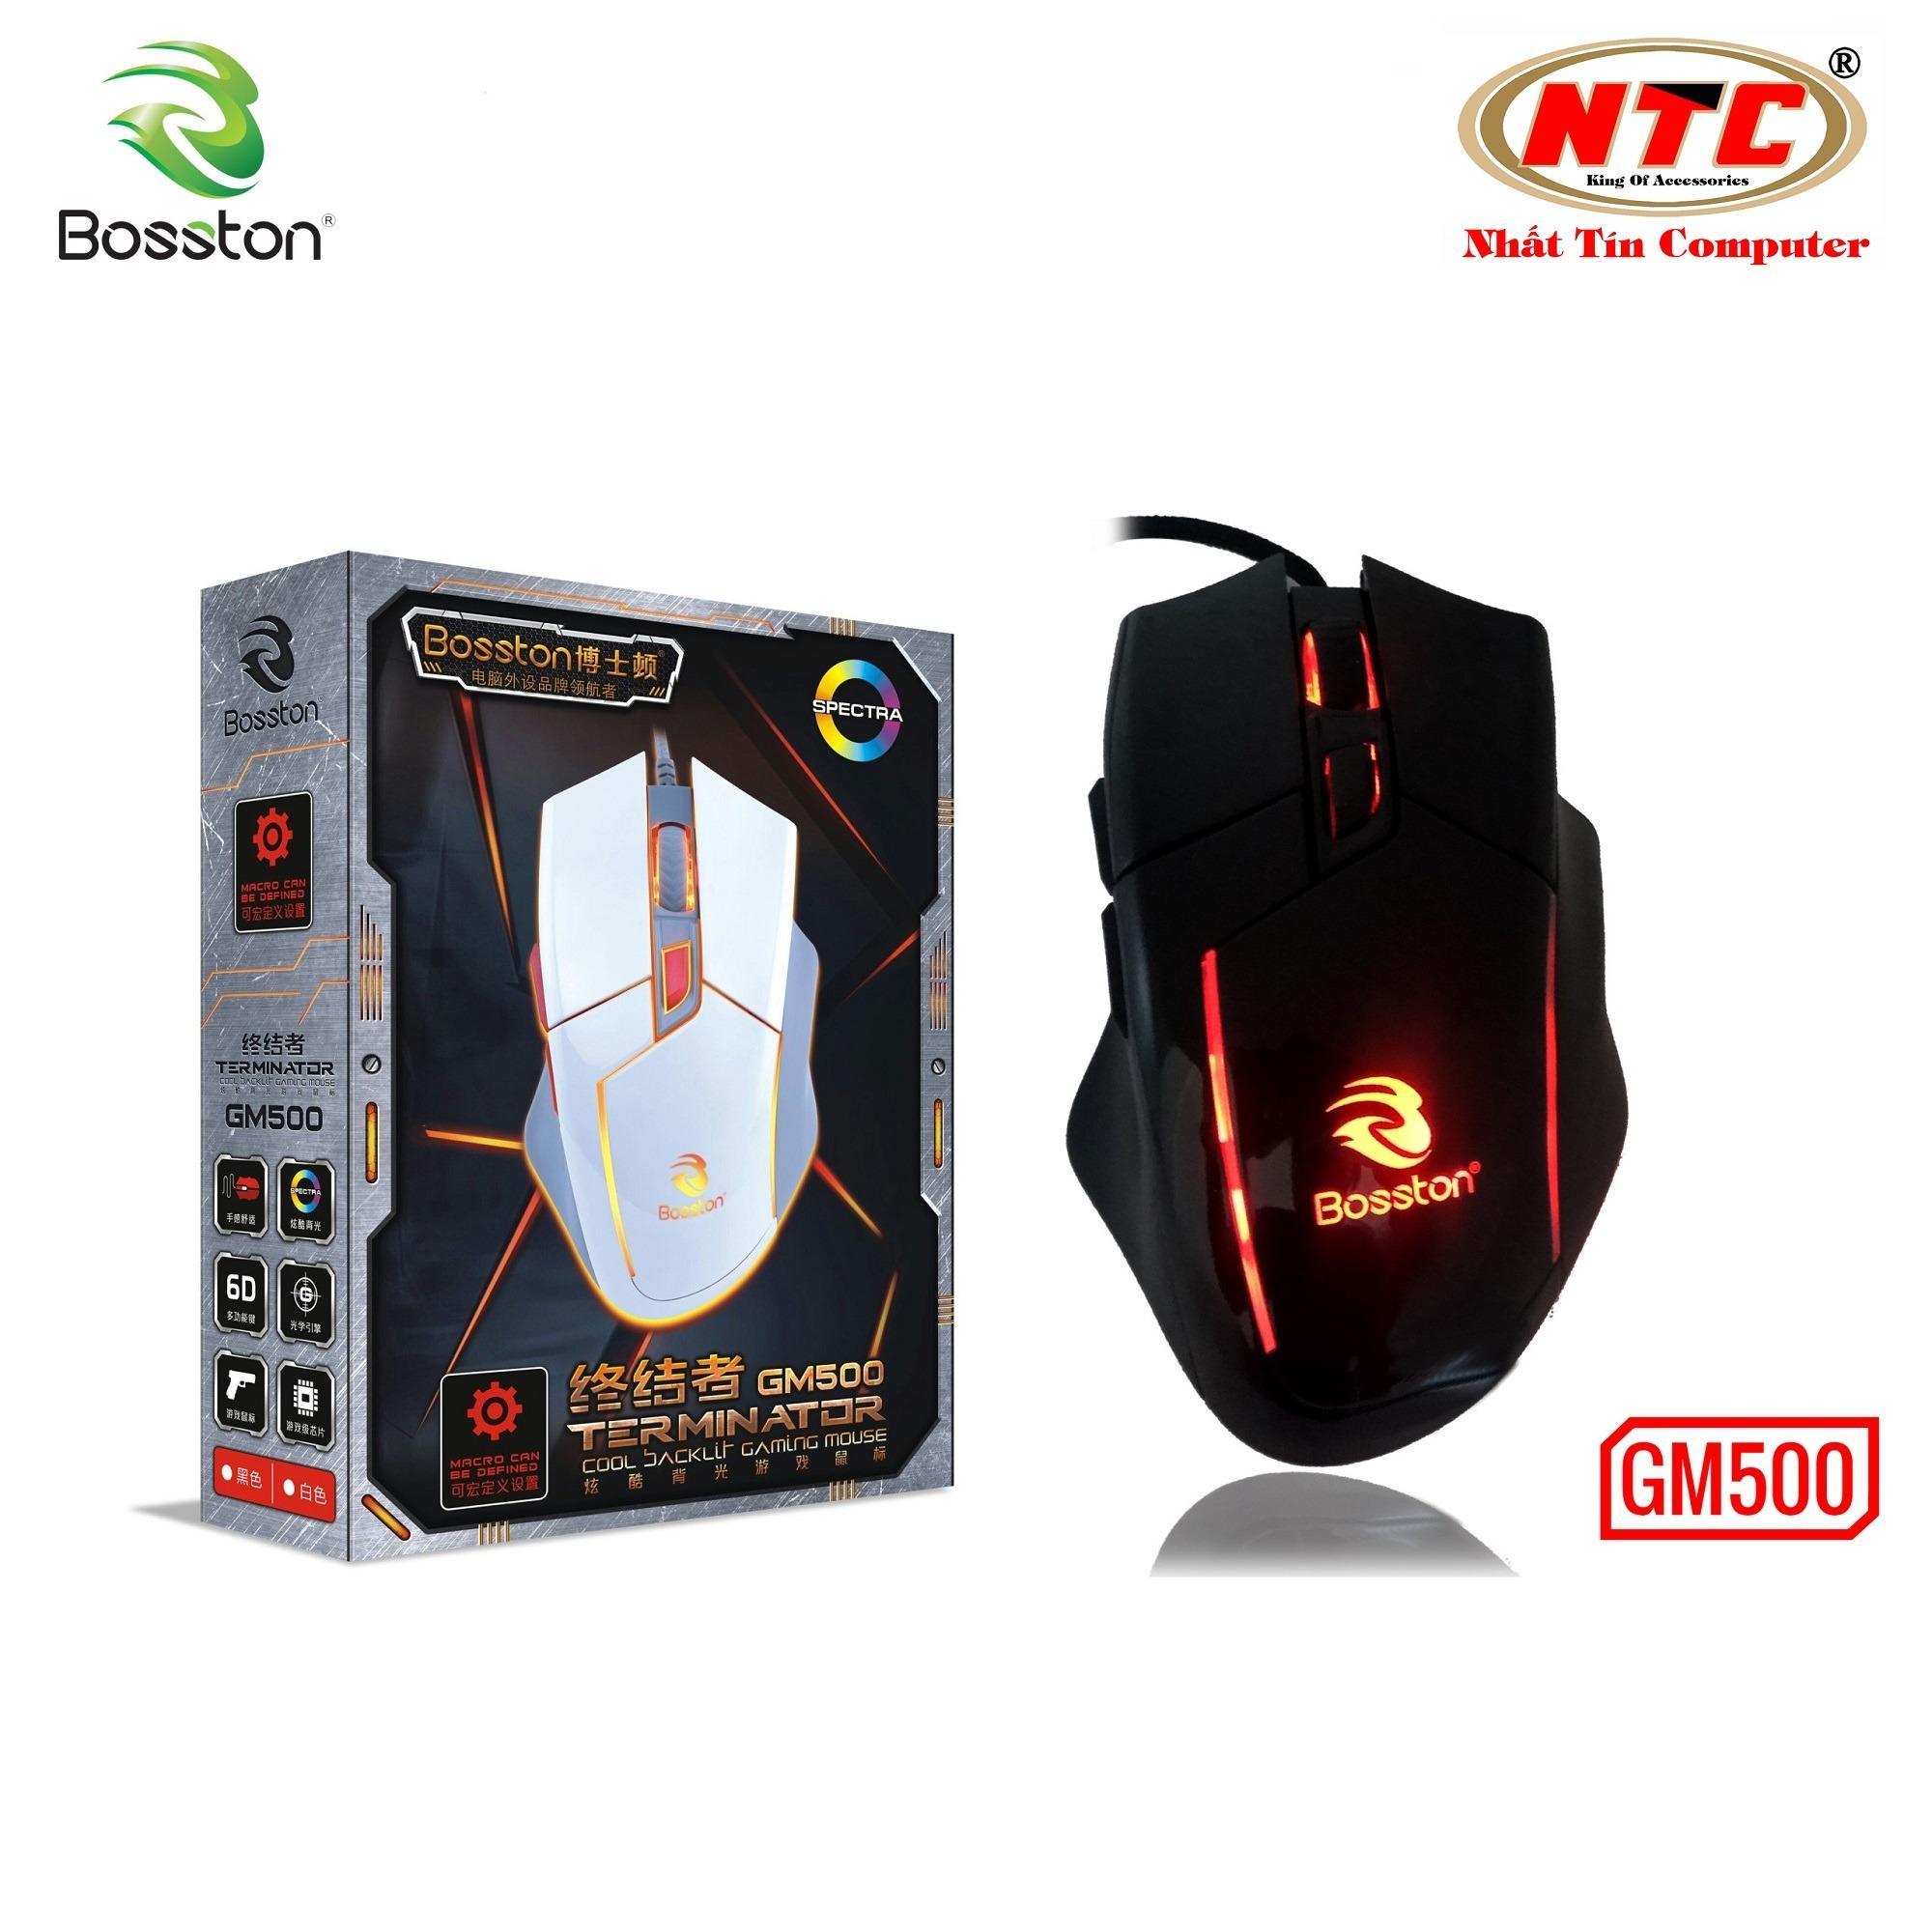 Mua Chuột Chơi Game Cao Cấp Bosston Gm500 Dpi 3200 Hang Phan Phối Chinh Thức Bosston Rẻ